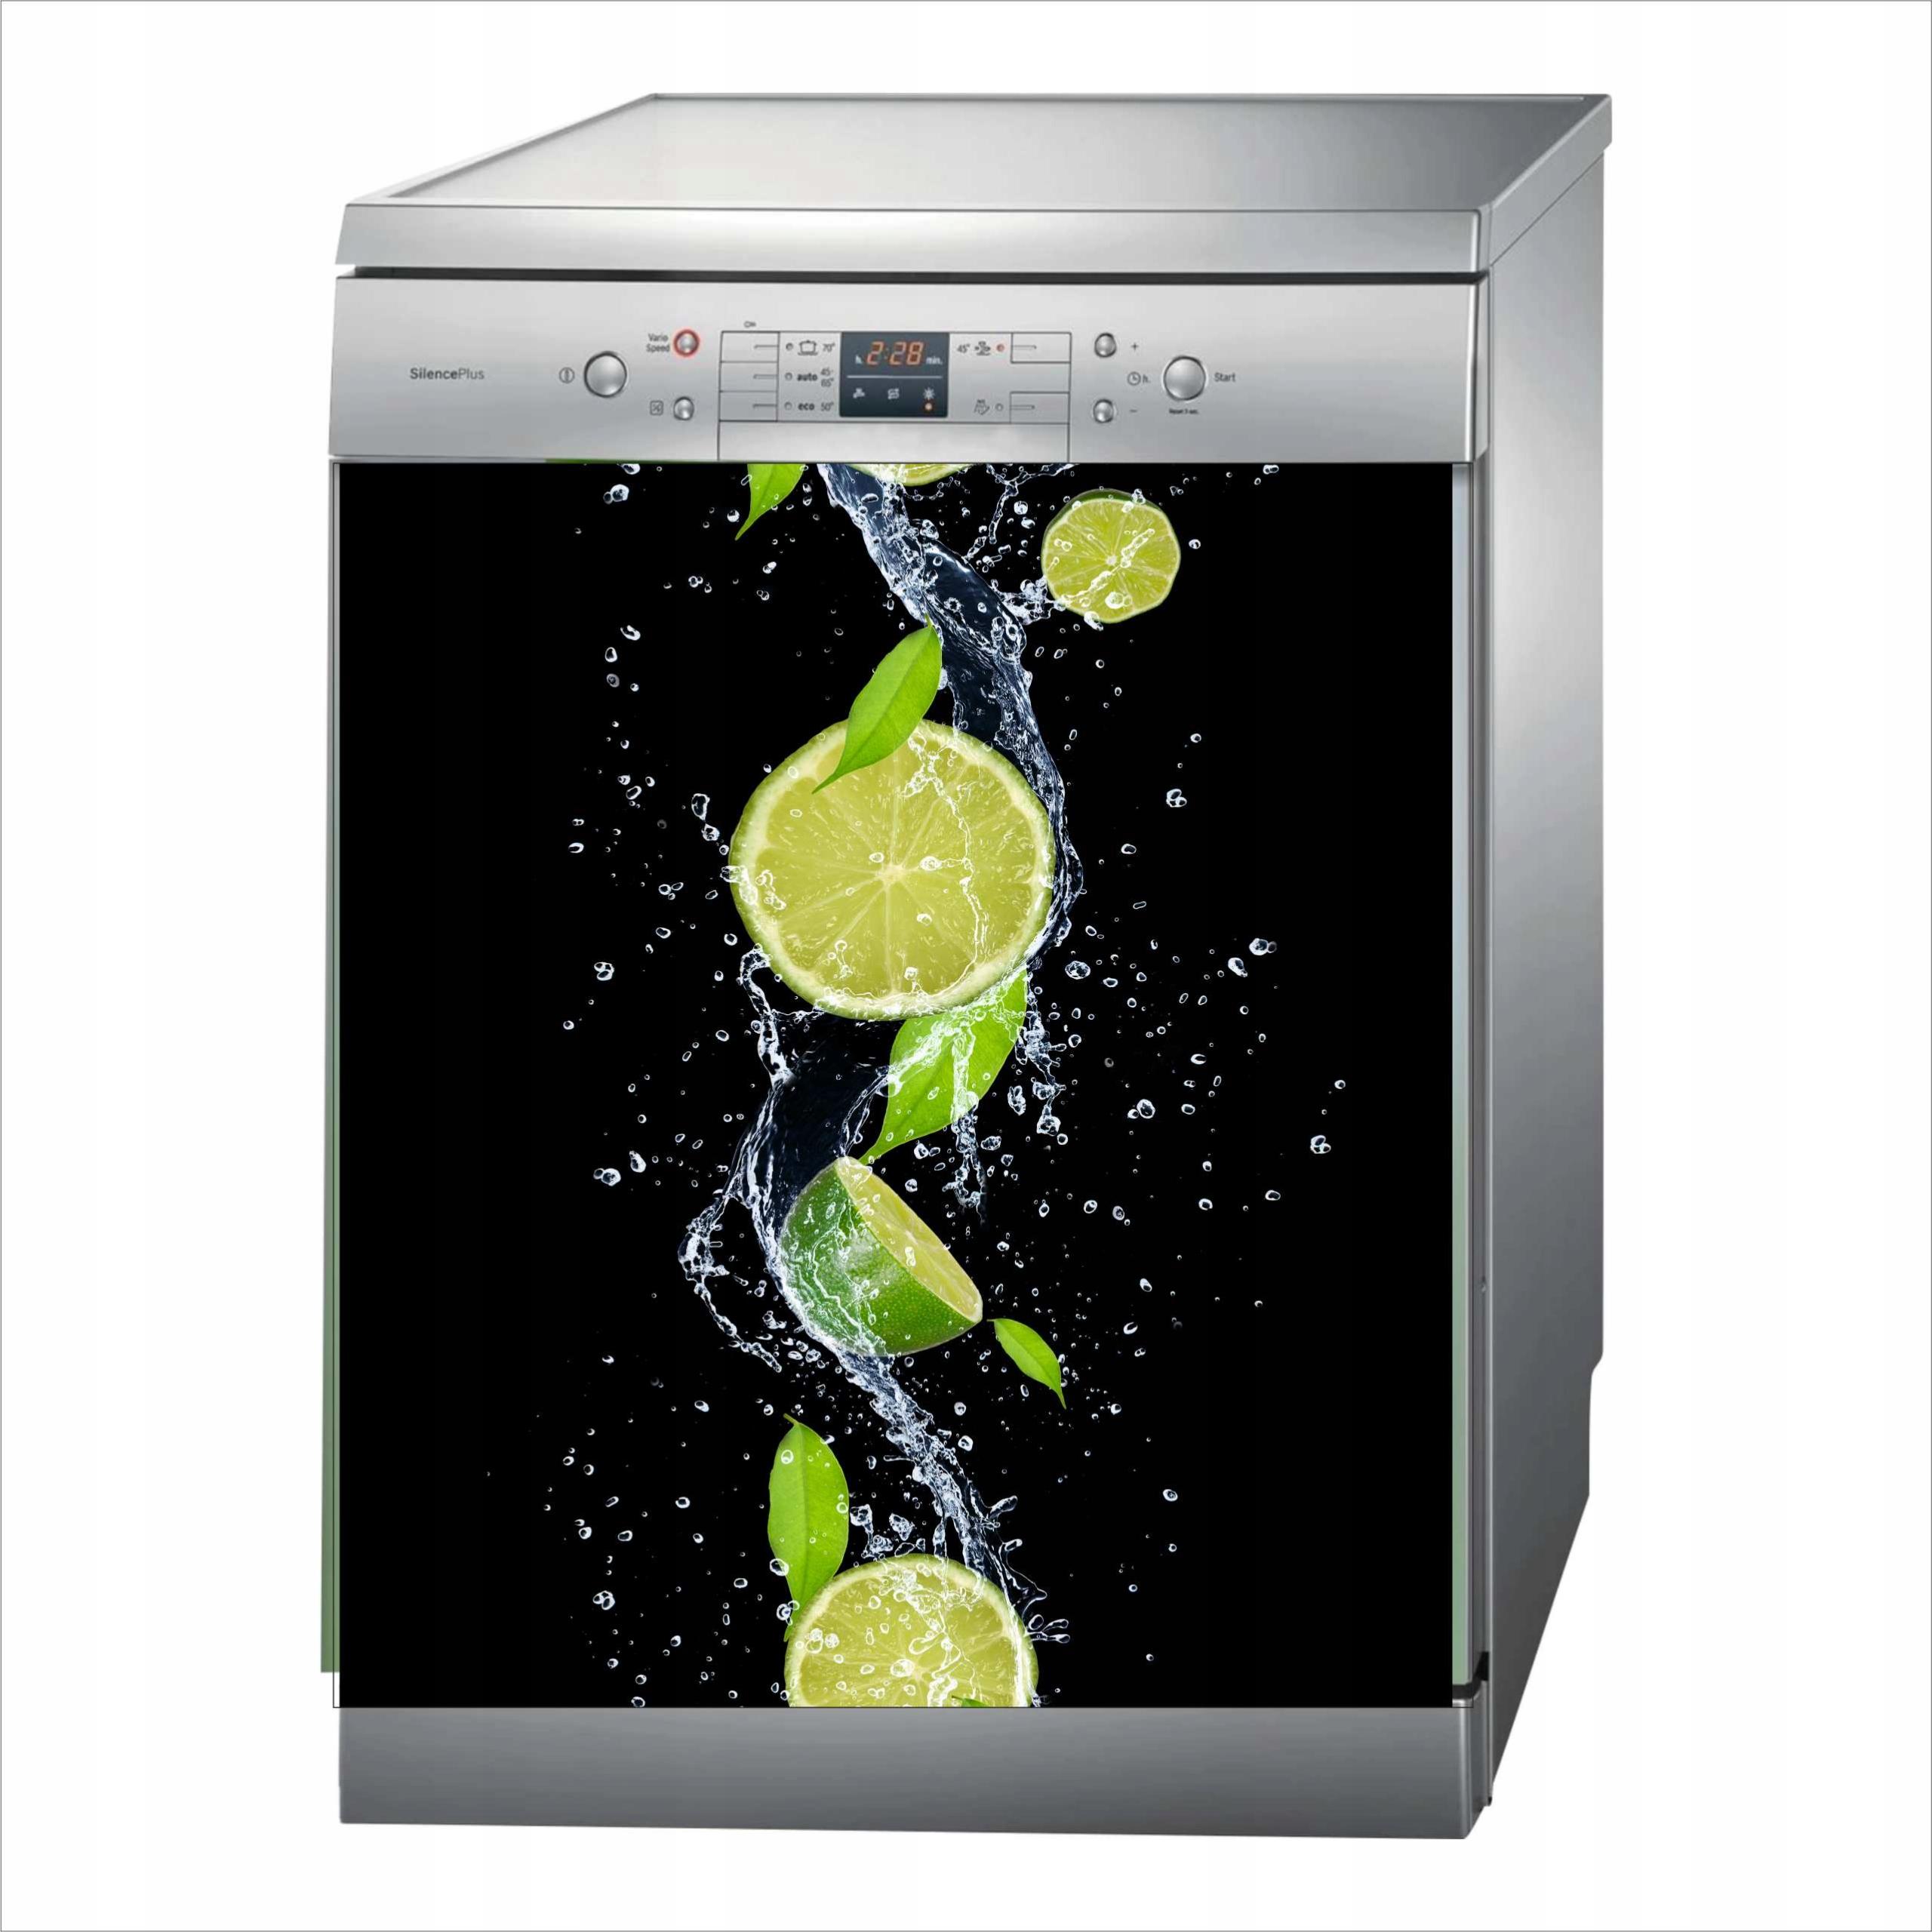 коврик магнитная магнит на посудомоечную машину фрукты лайм